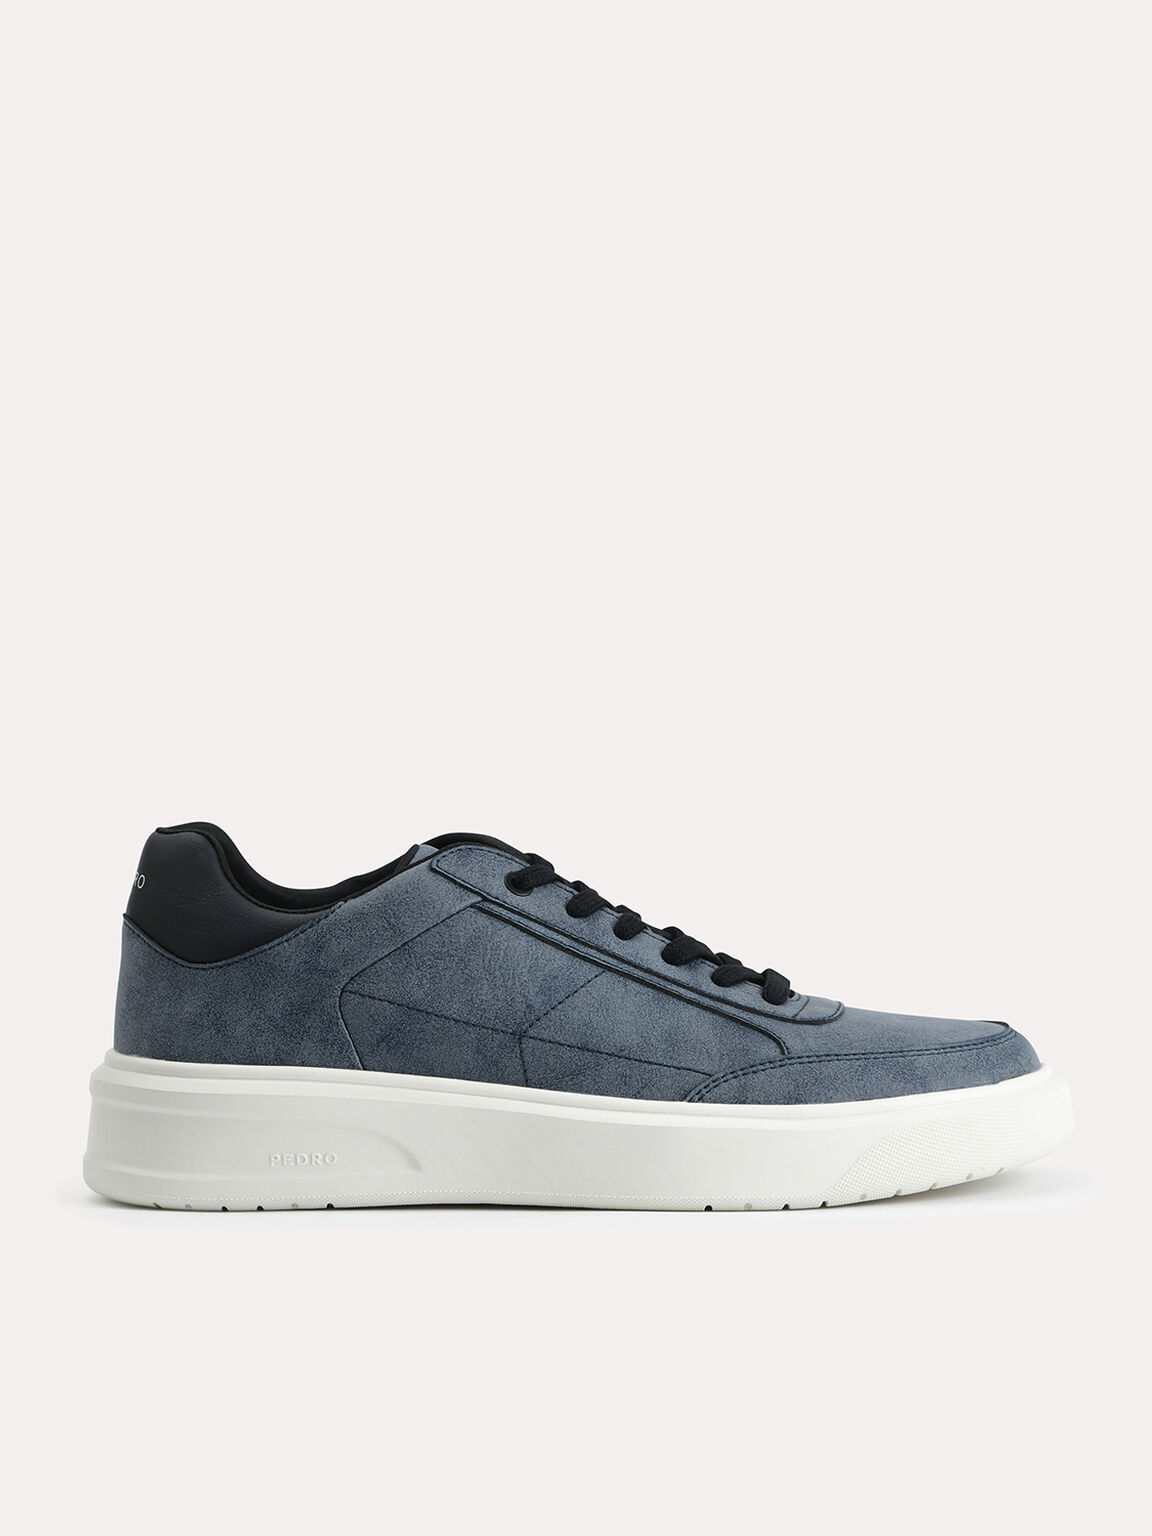 Dayflux Sneakers, Navy, hi-res